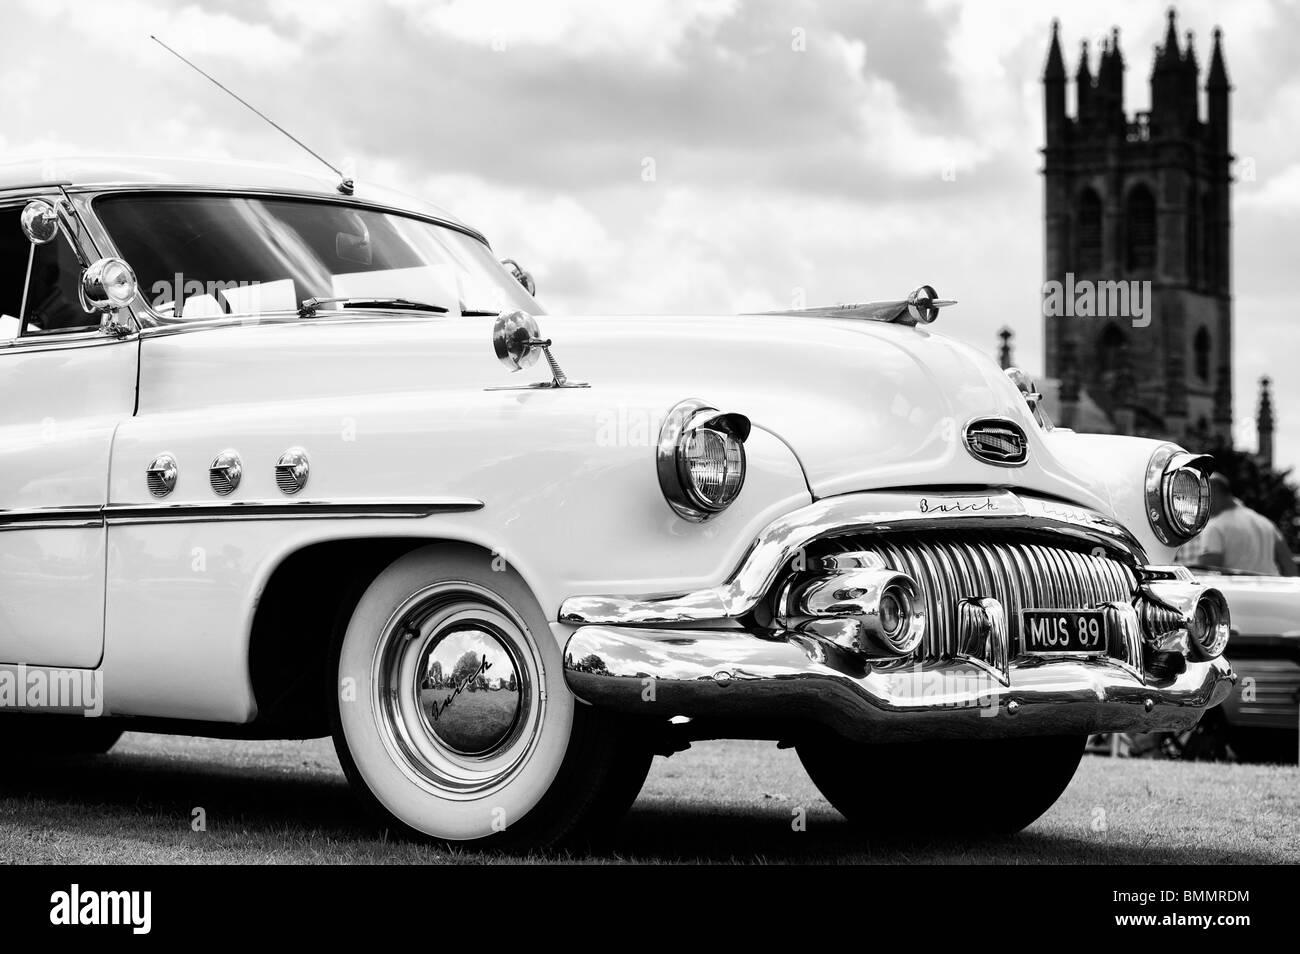 Buick ocho front end, un coche clásico americano, en el Churchill vintage car show, Oxfordshire, Inglaterra. Imagen De Stock